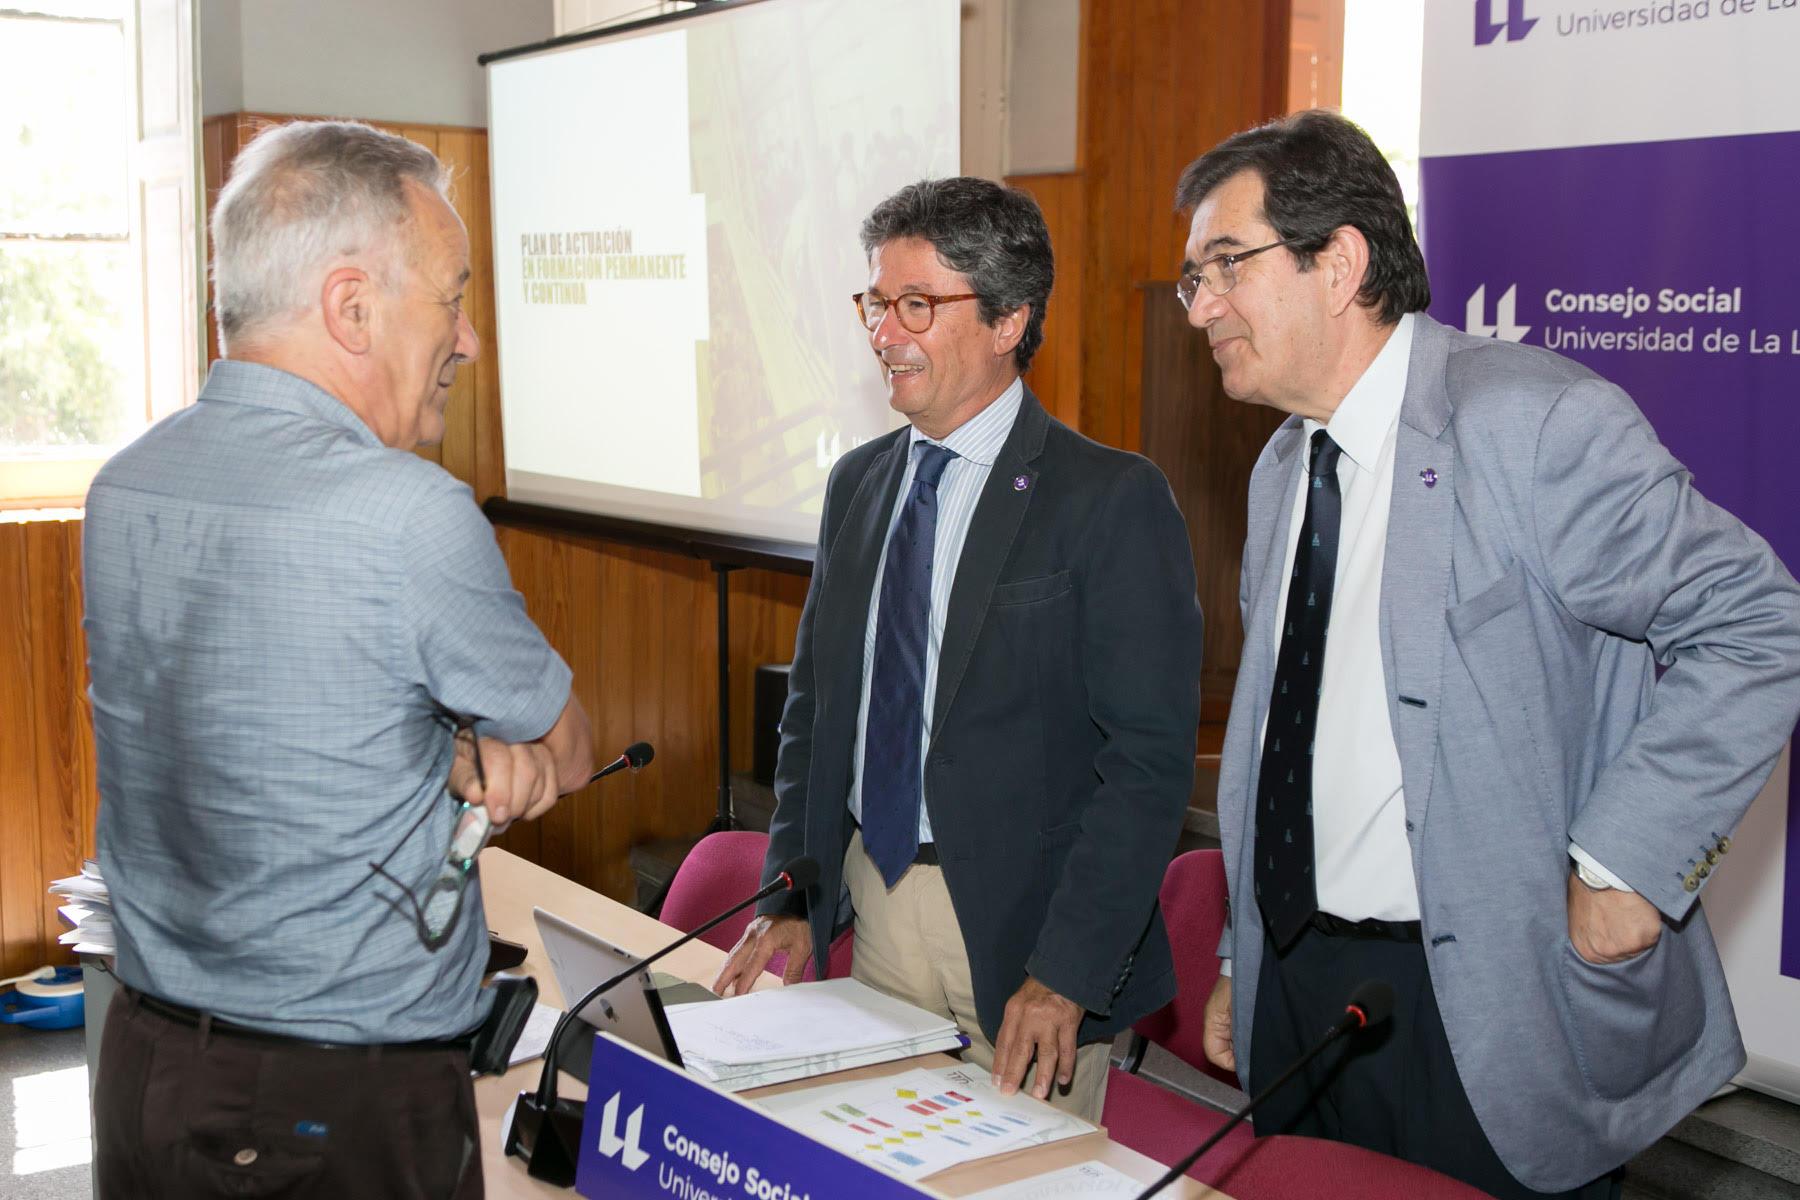 El Consejo Social aprueba los precios públicos de cuatro títulos propios de la Universidad de La Laguna